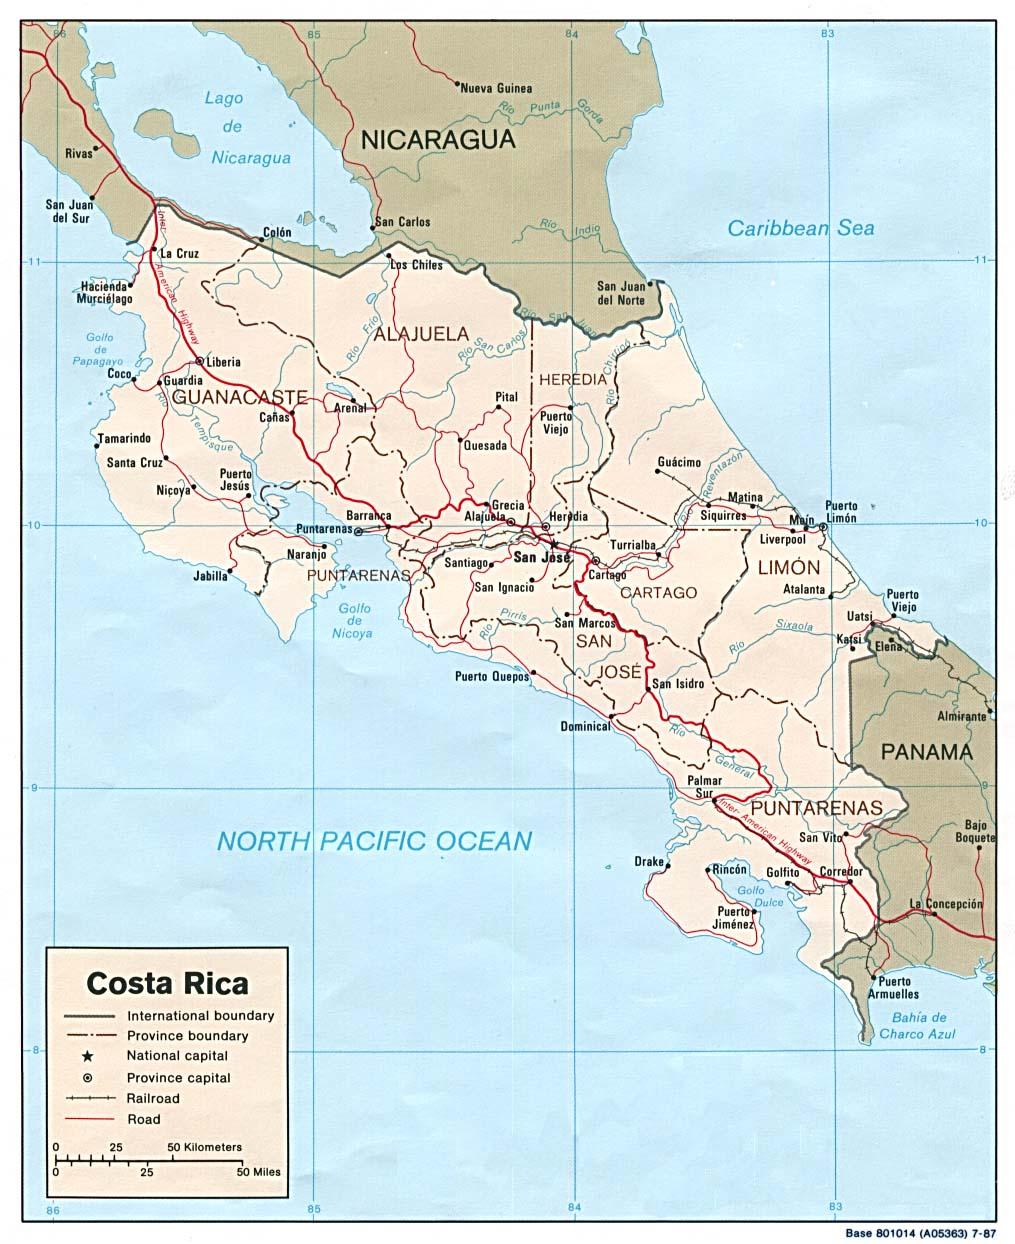 golfito costa rica map Wps Puerto Golfito Satellite Map golfito costa rica map